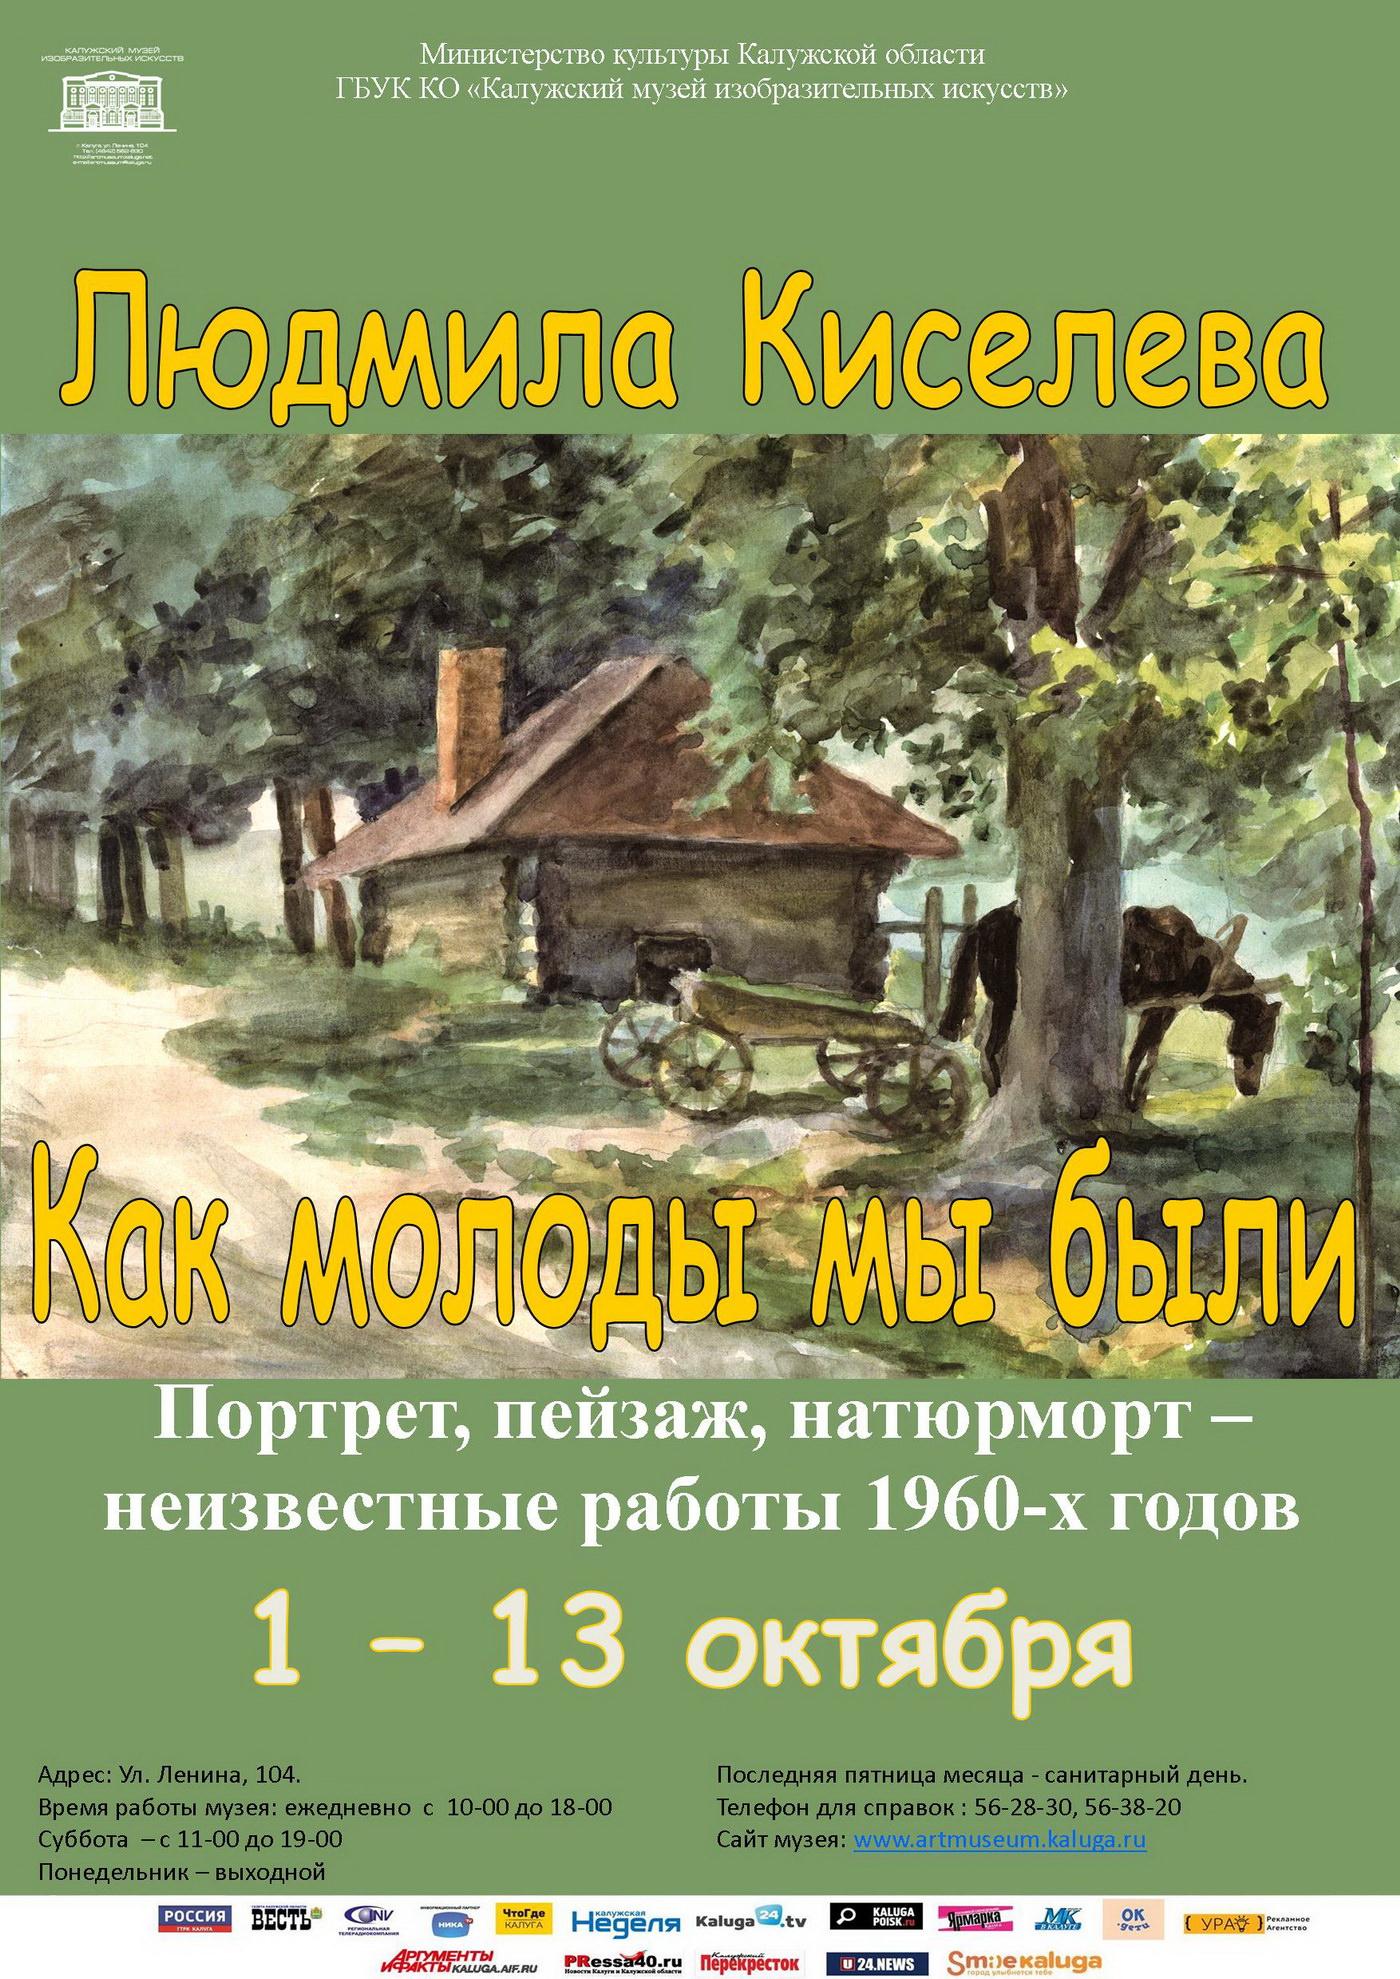 Выставка Людмилы Киселевой «Как молоды мы были»